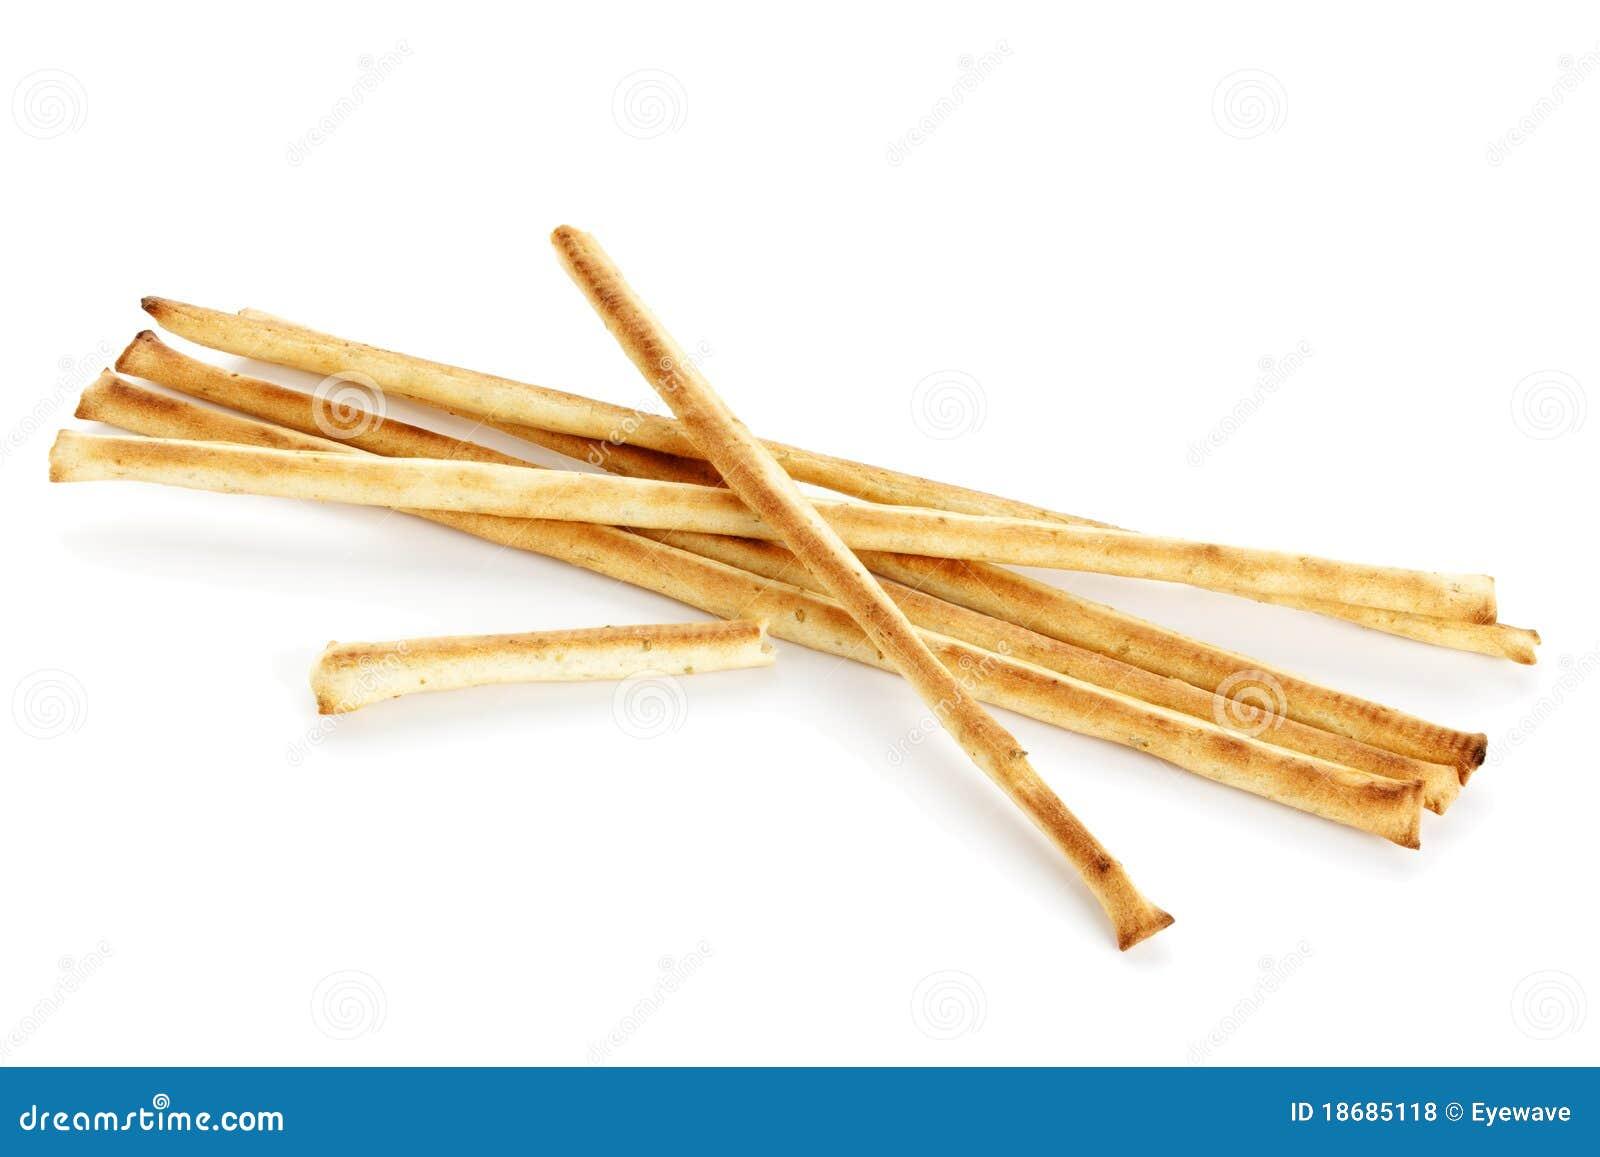 Grissini, batons de pain italien, d'isolement sur le fond blanc.